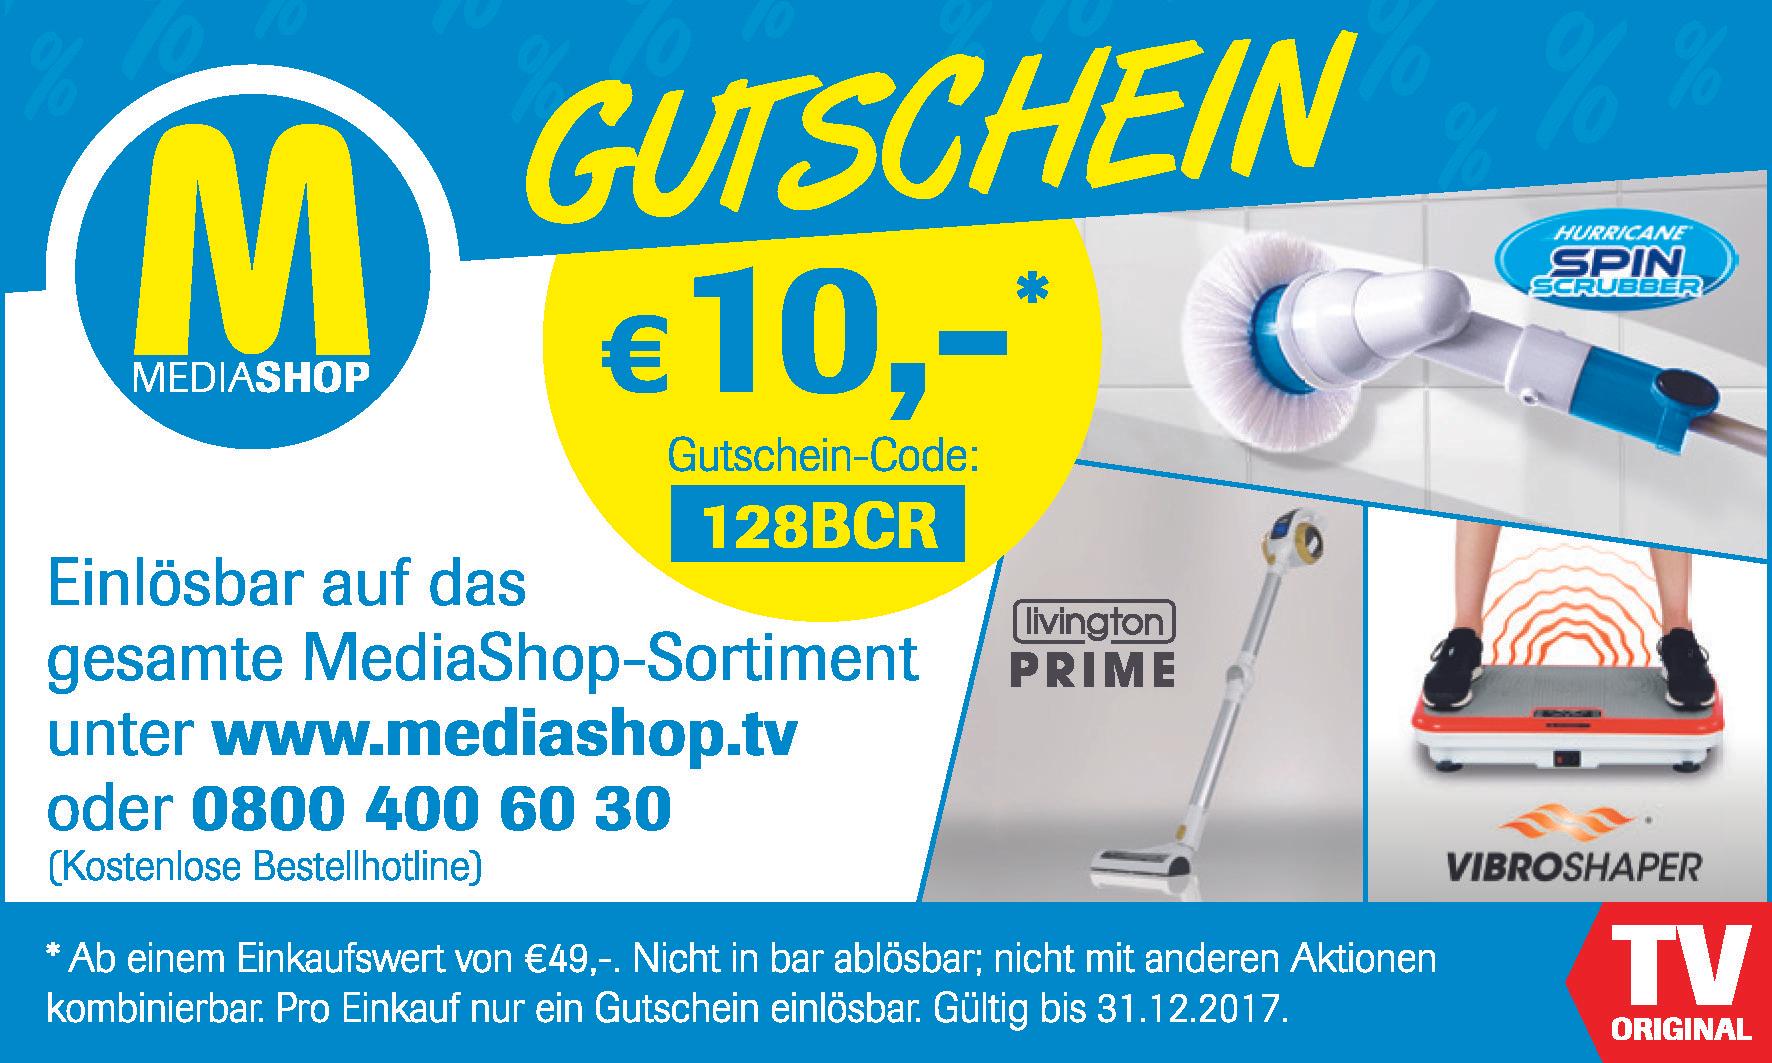 10€ auf das gesamte Teleshopping Sortiment bei Mediashop.tv